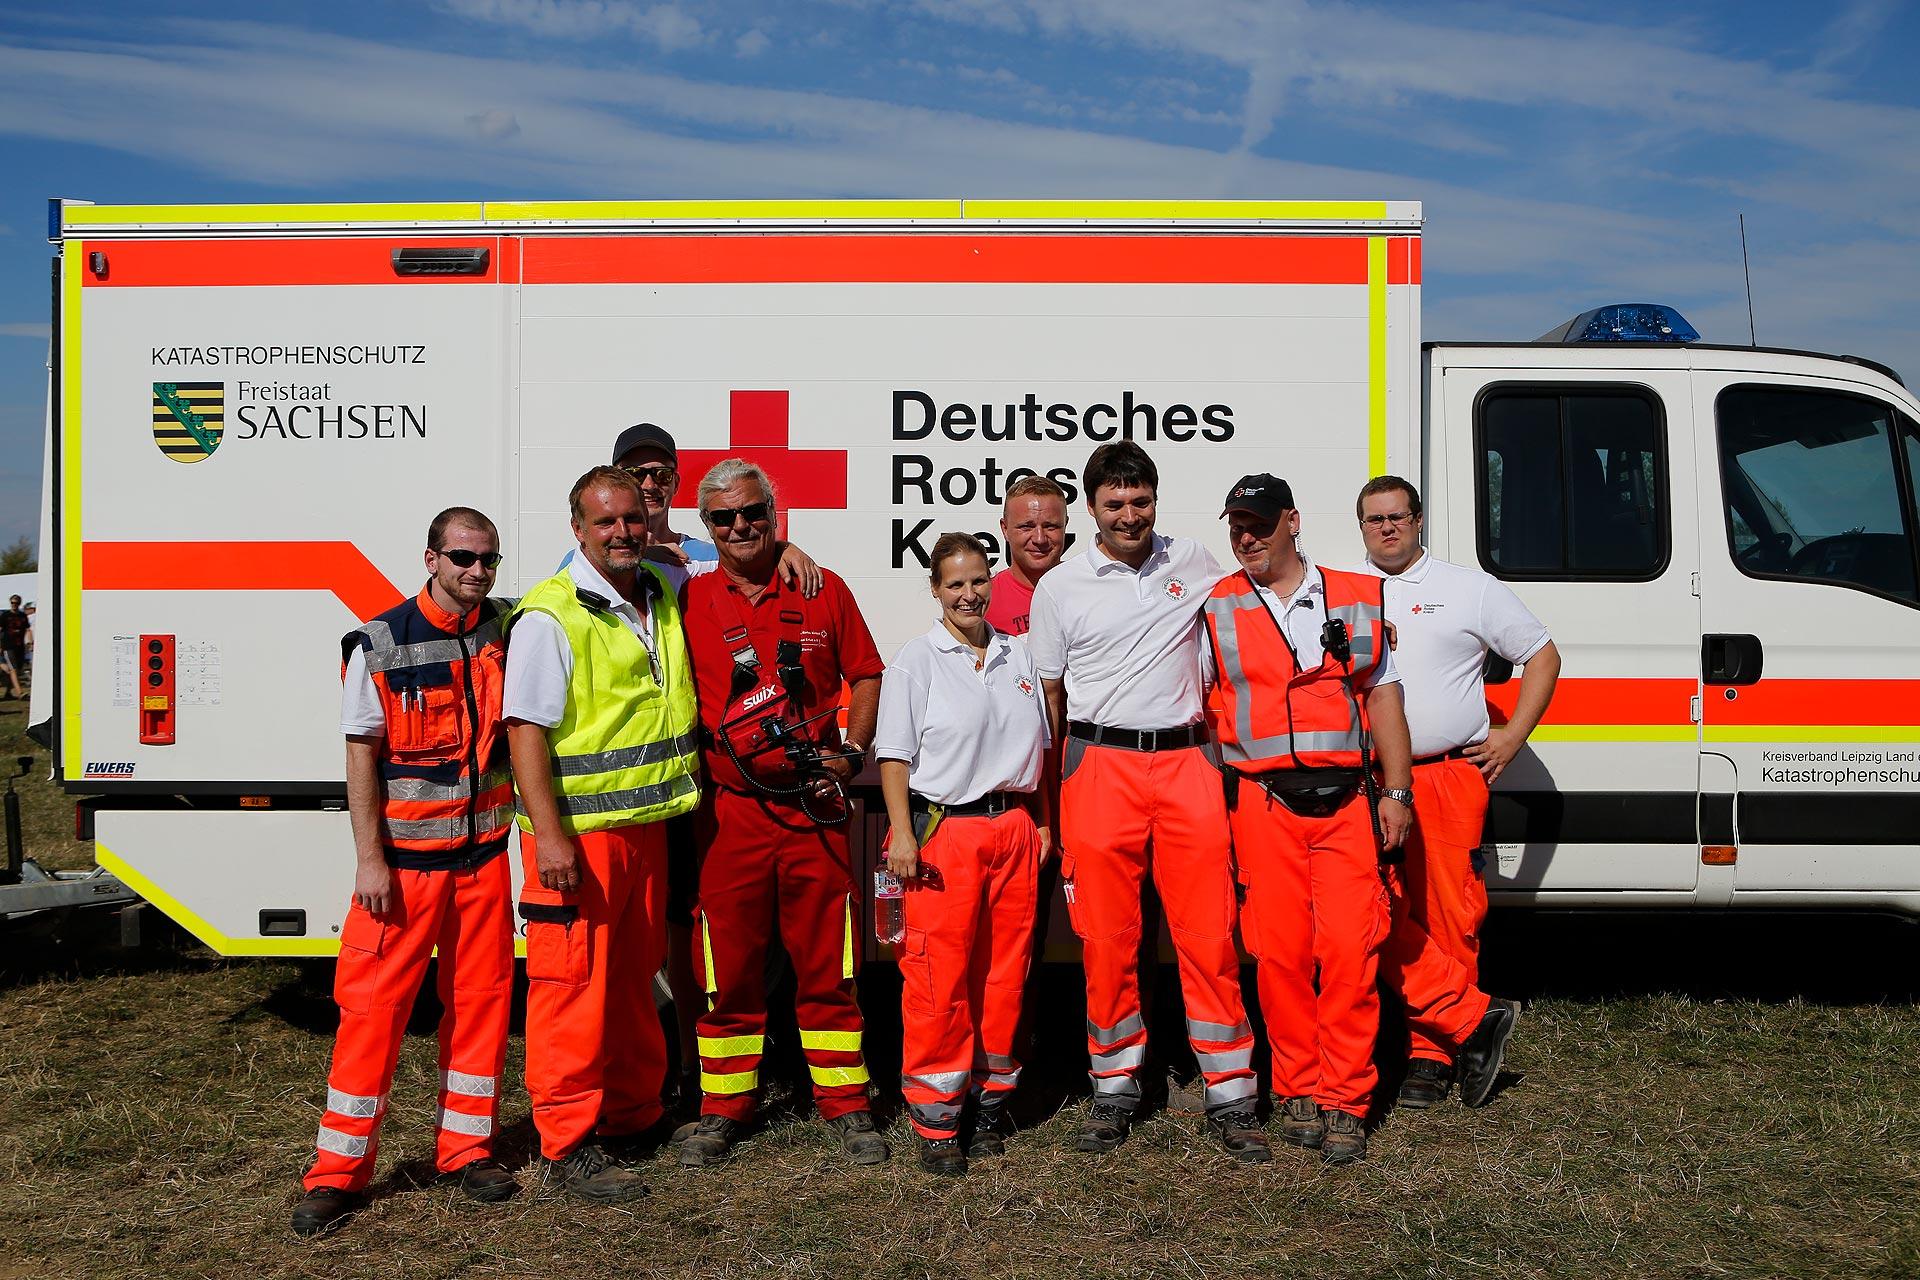 220 ehrenamtliche Helfer – Ärzte und Rettungssanitäter – sind im Einsatz, doppelt so viele wie im Vorjahr.